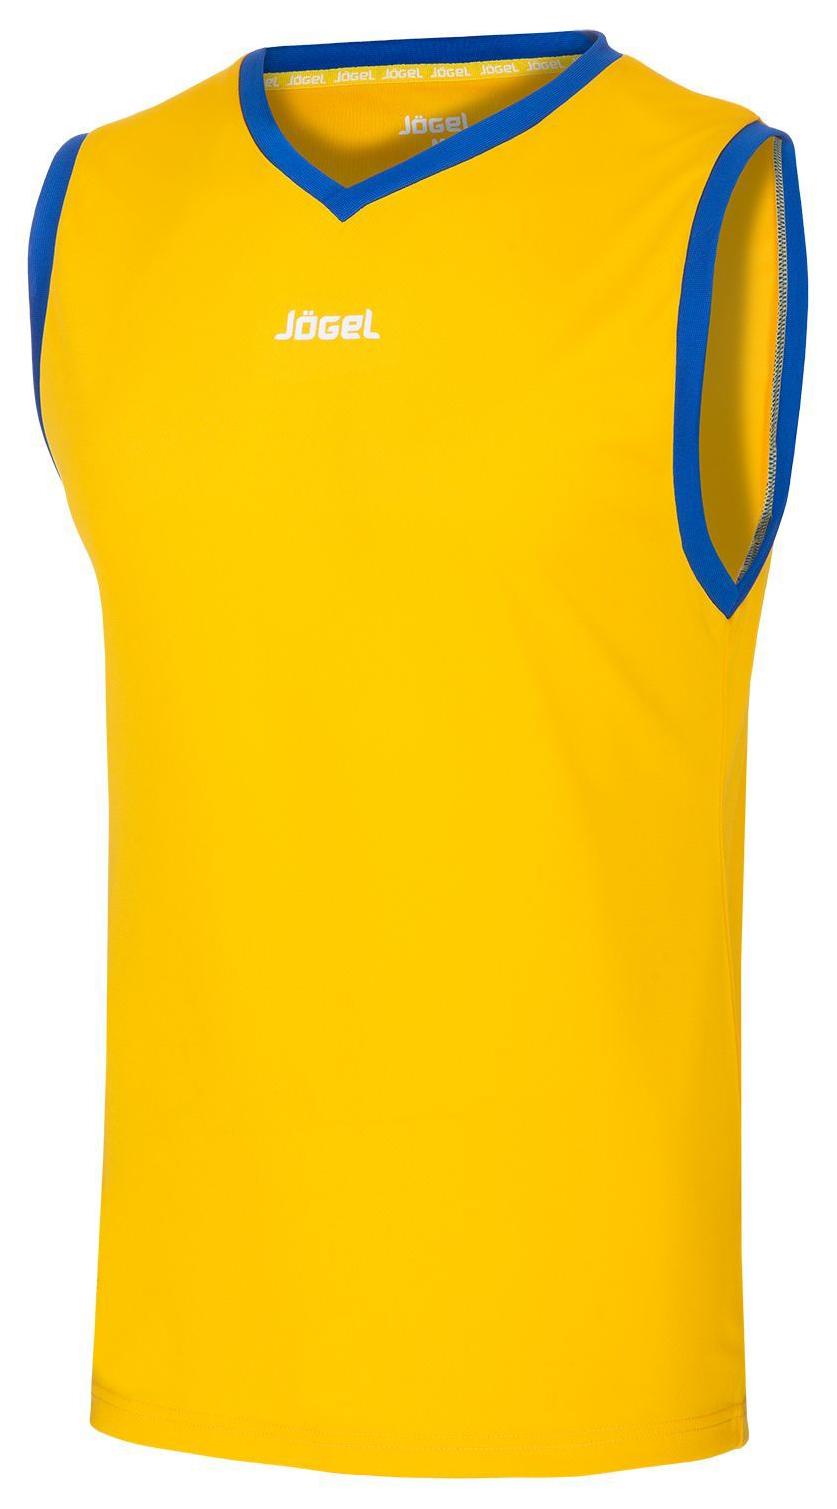 Майка баскетбольная JBT 1020 047, желтый/синий, детская